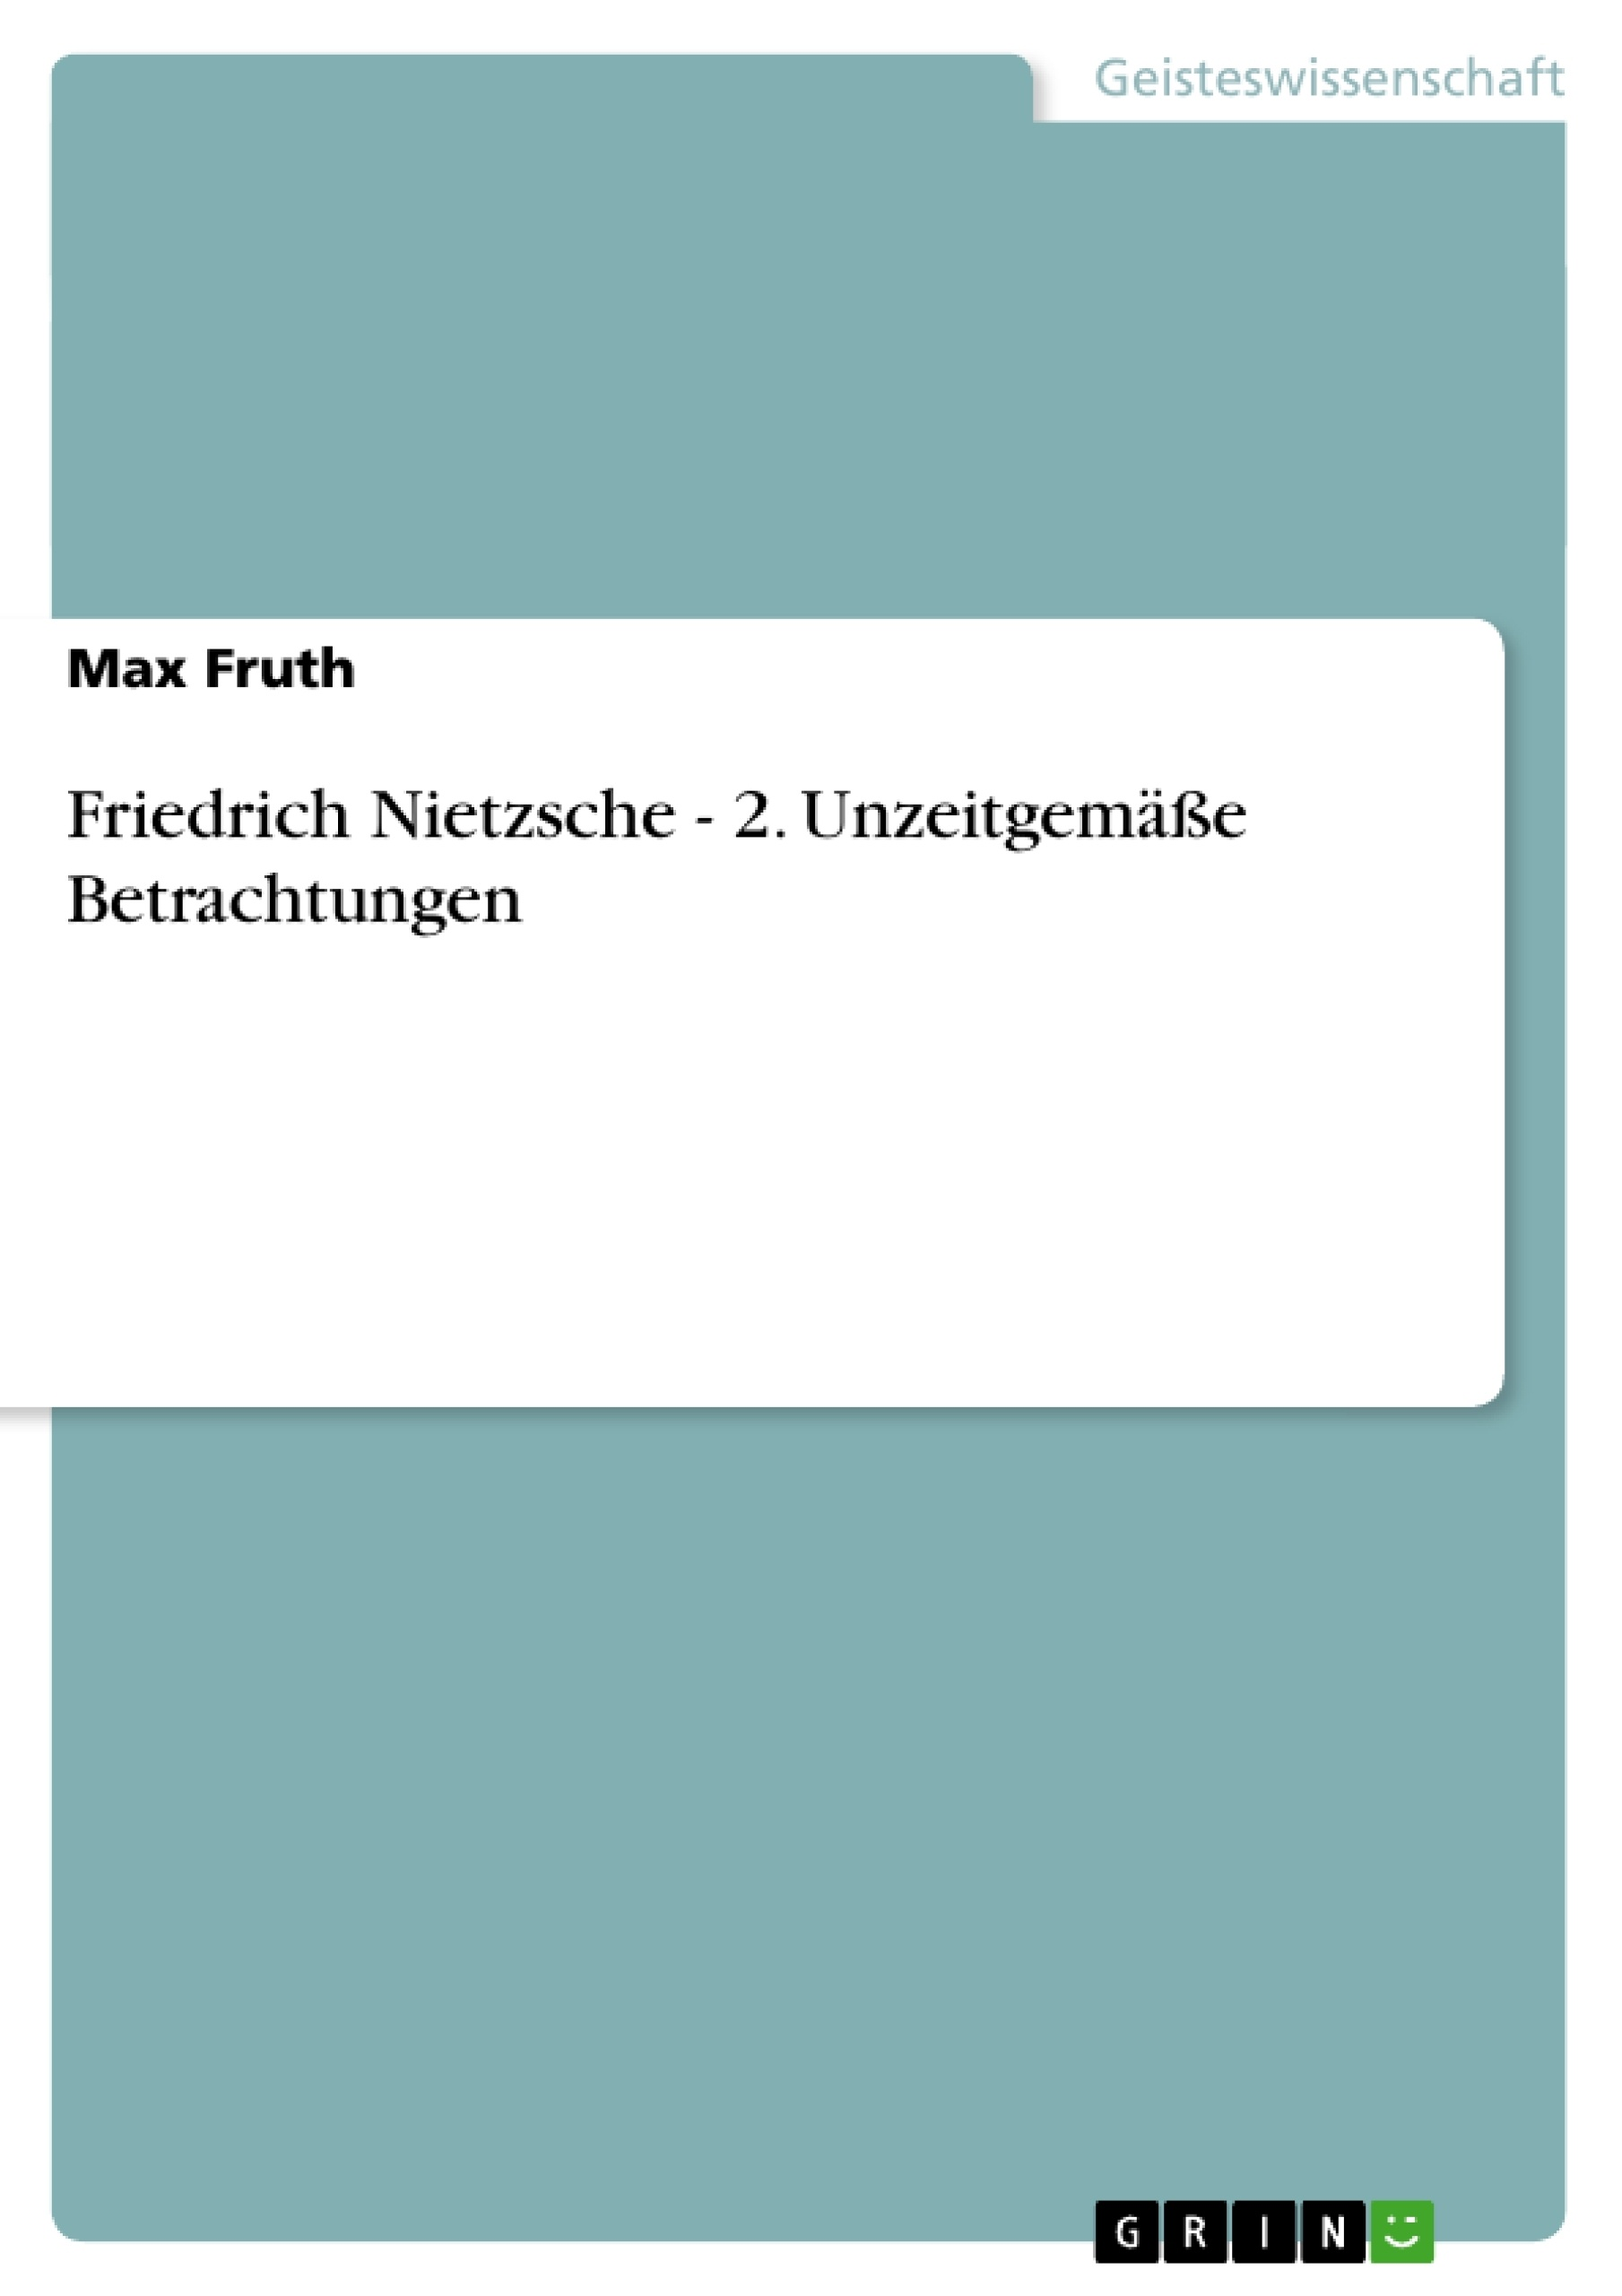 Titel: Friedrich Nietzsche - 2. Unzeitgemäße Betrachtungen